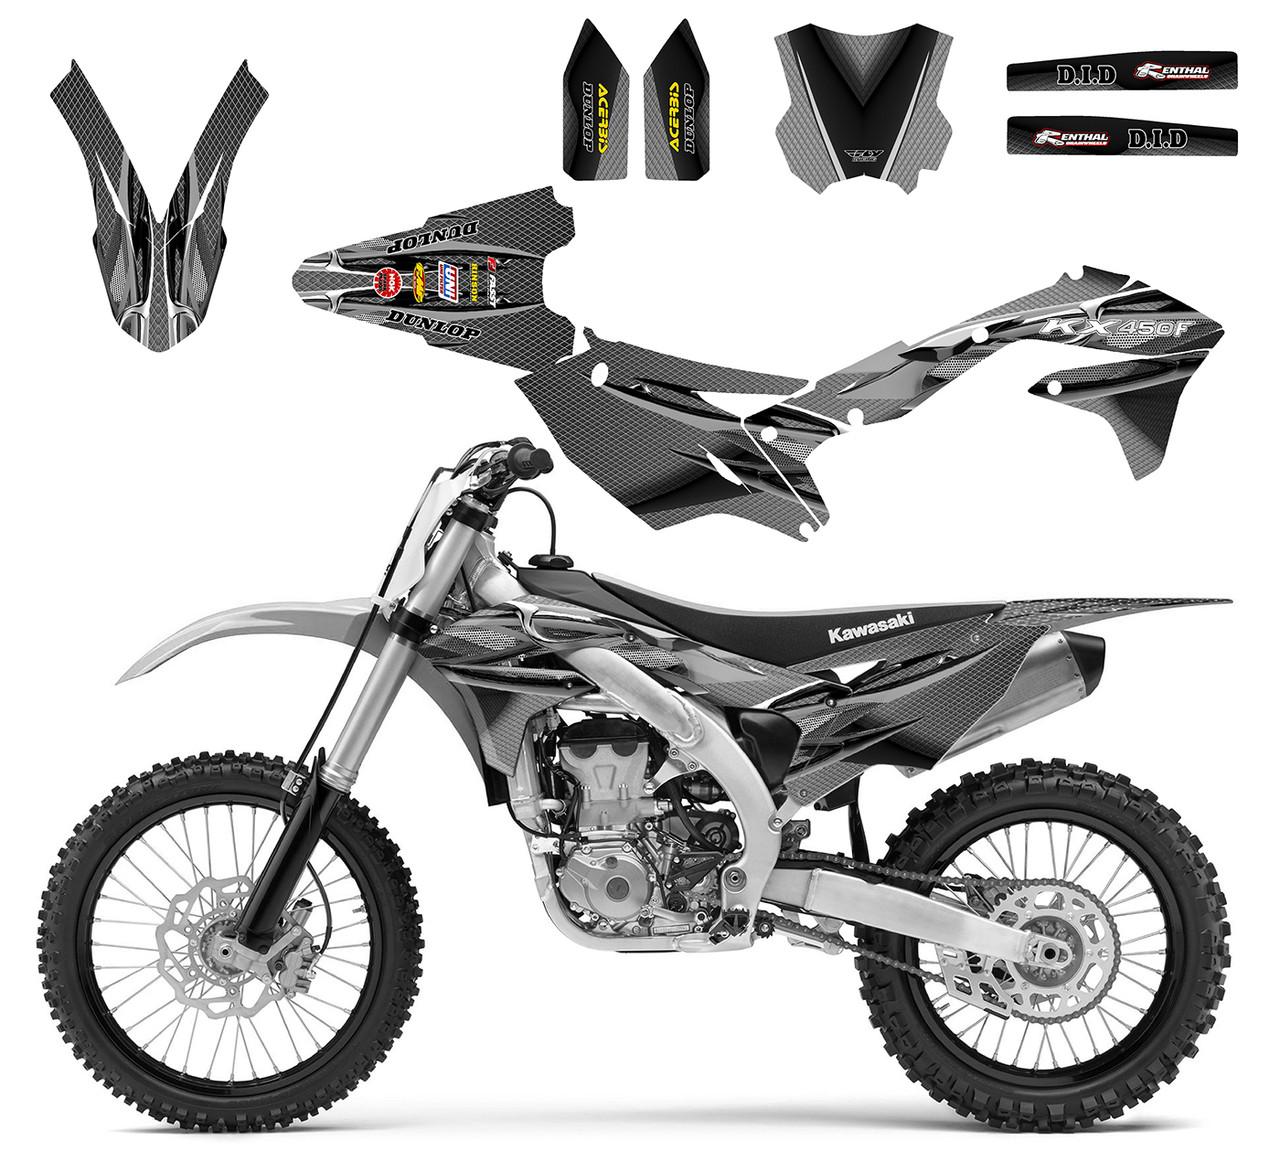 KX 450F 2016 -2018 Design 5815